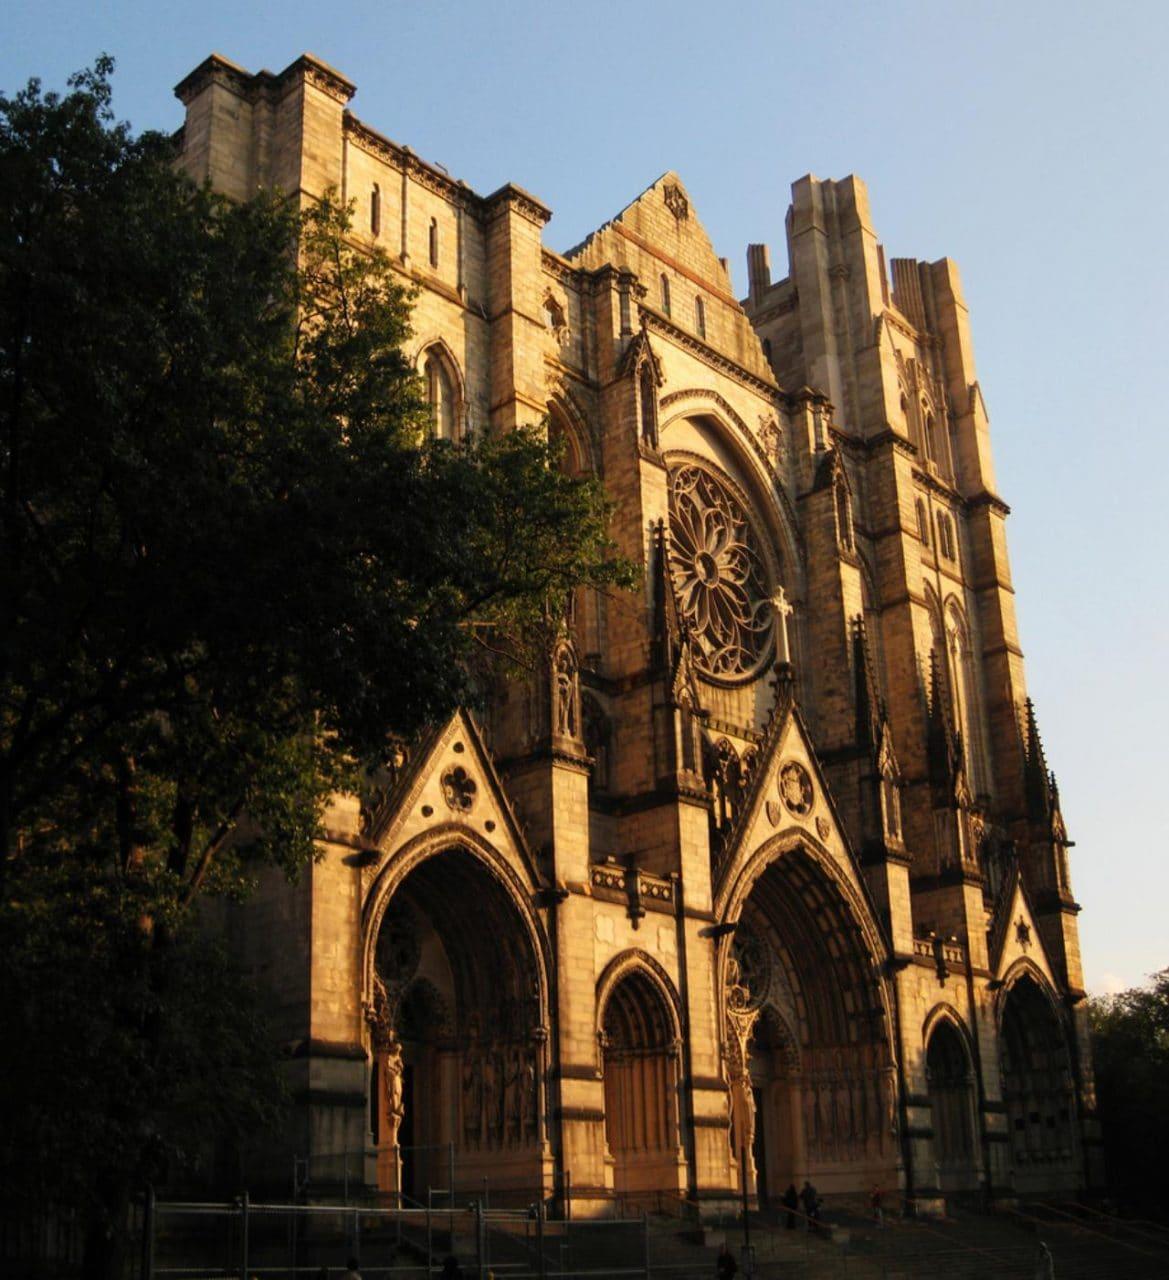 뉴욕 세인트 존 더 디바인 성당(Cathedral of Saint John the Divine), Image - William Porto, Wiki